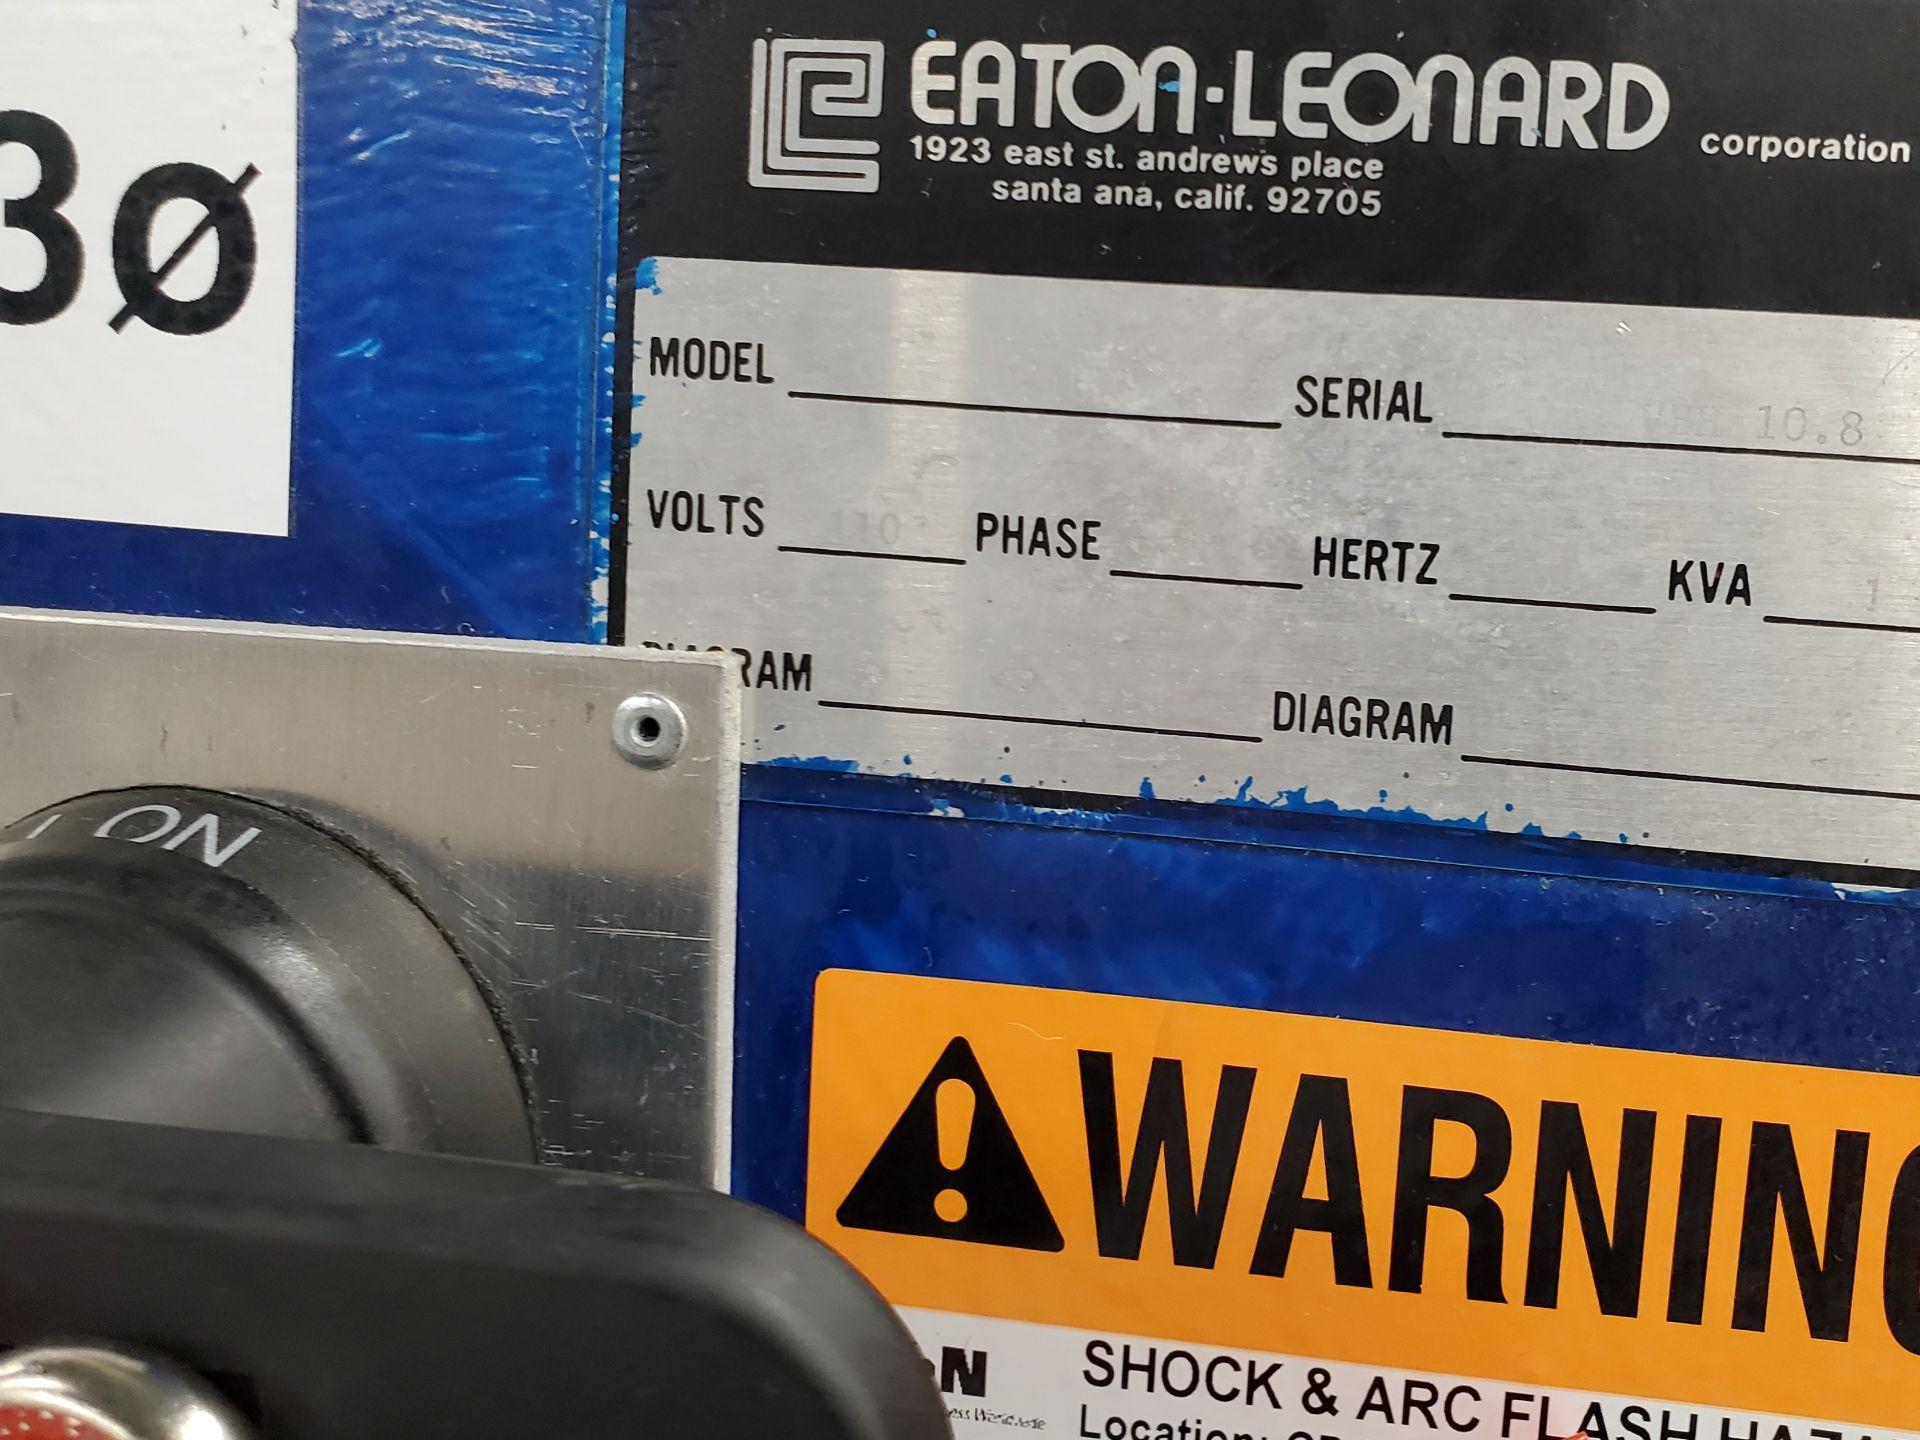 """Model H100 Eaton Leonard Tube Bender 1"""" Cap, S/N VBH 10.8 - Image 2 of 14"""